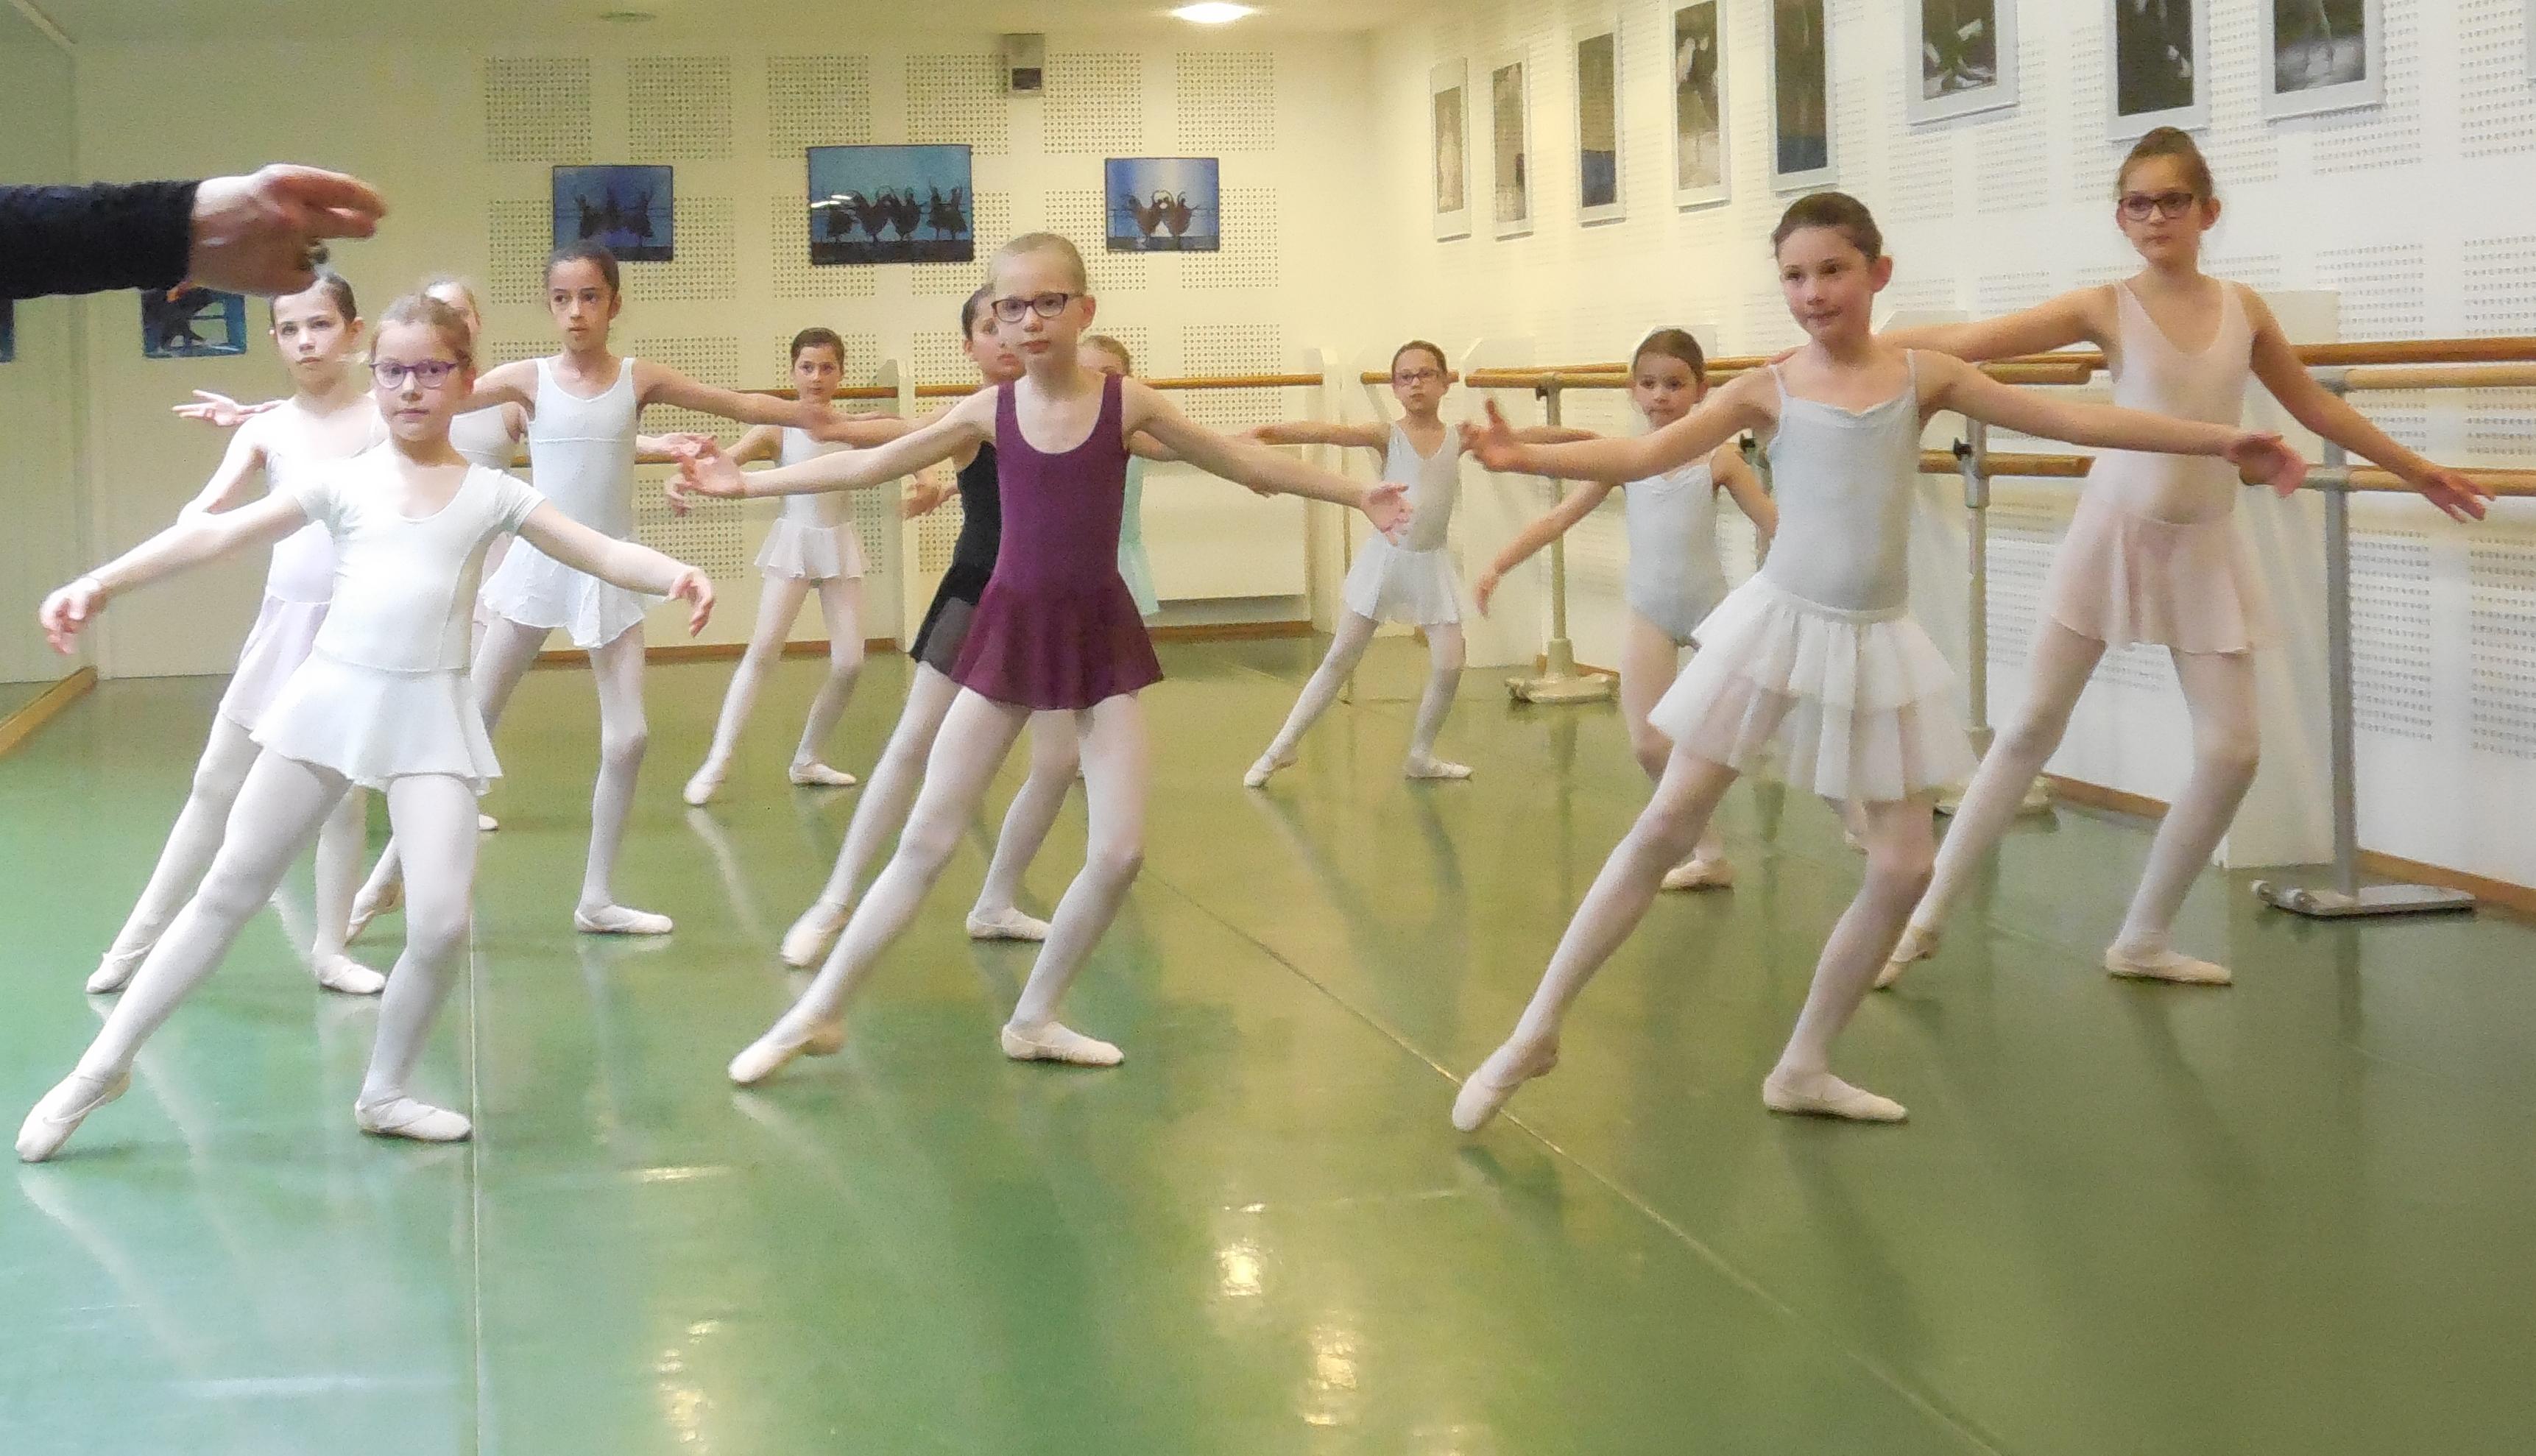 Geispolsheim cole municipale de danse classique - Petite souris qui danse ...